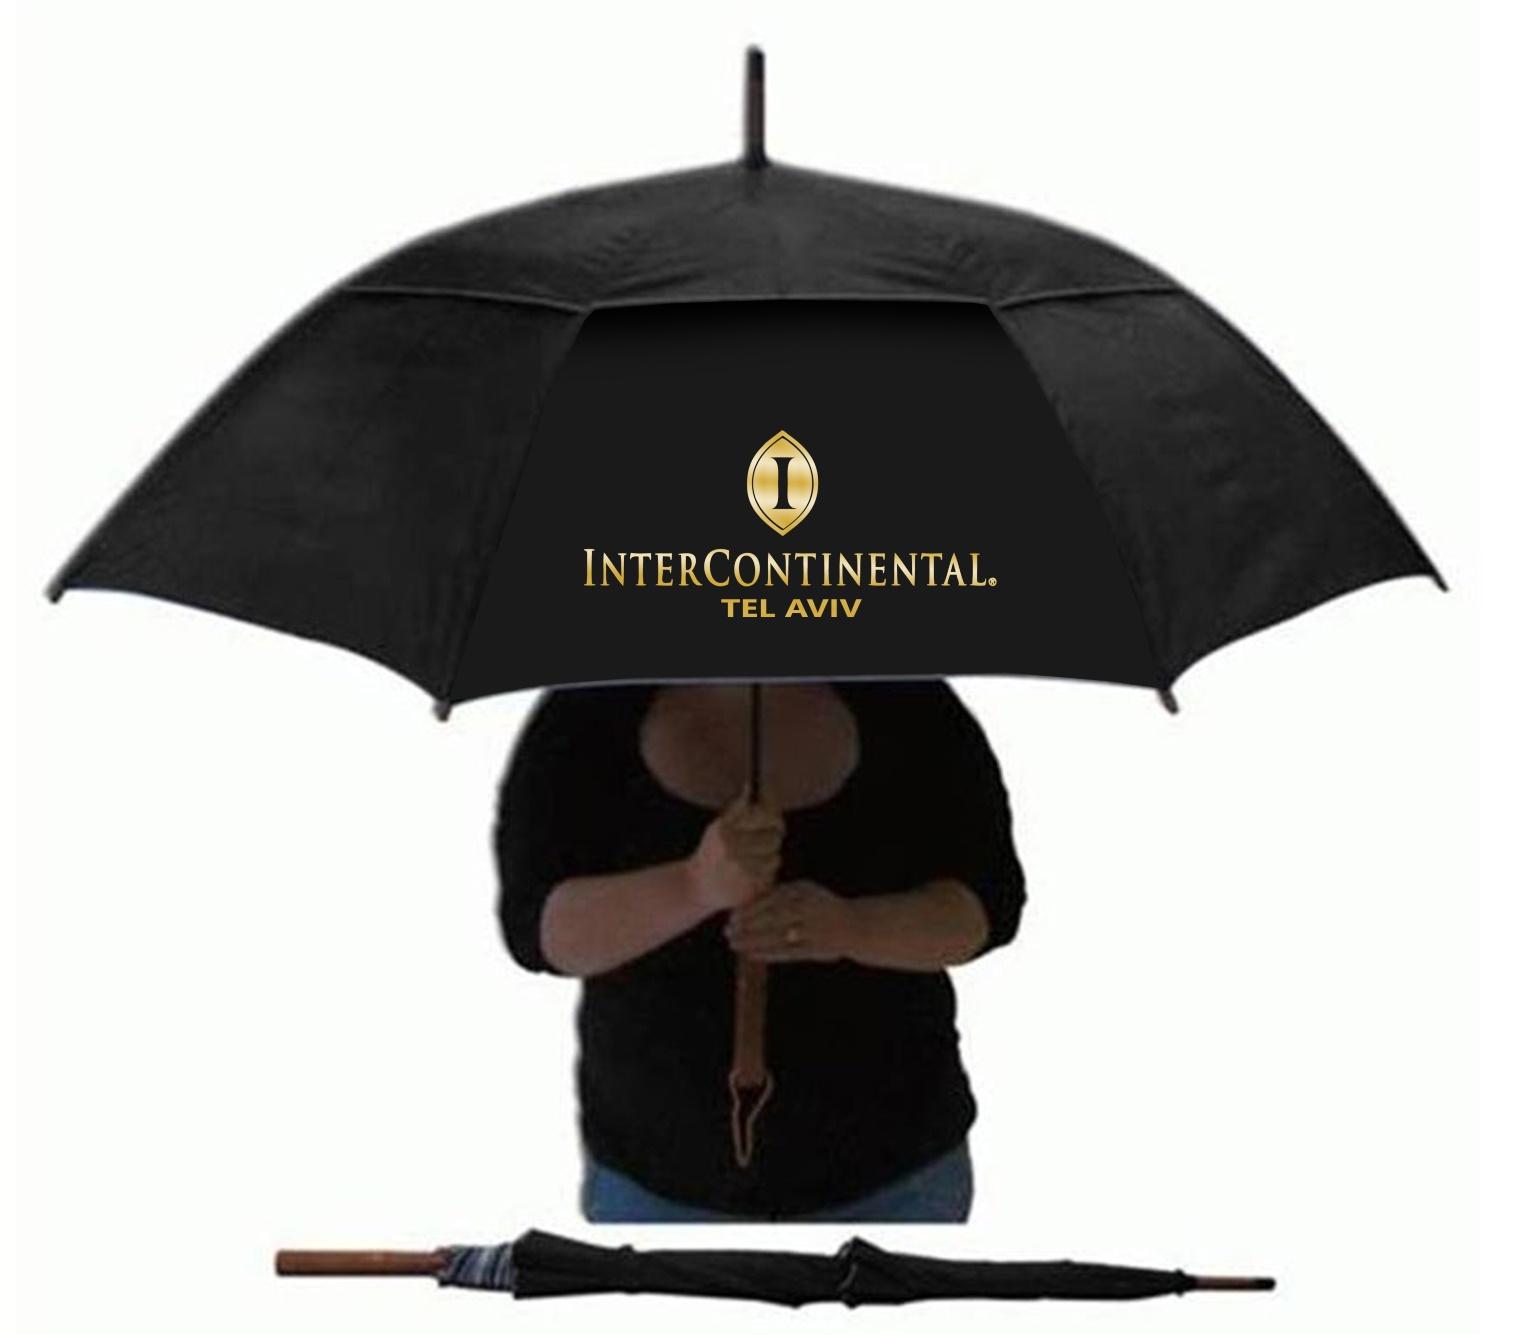 מטריה חזקה | מטריה ענקית